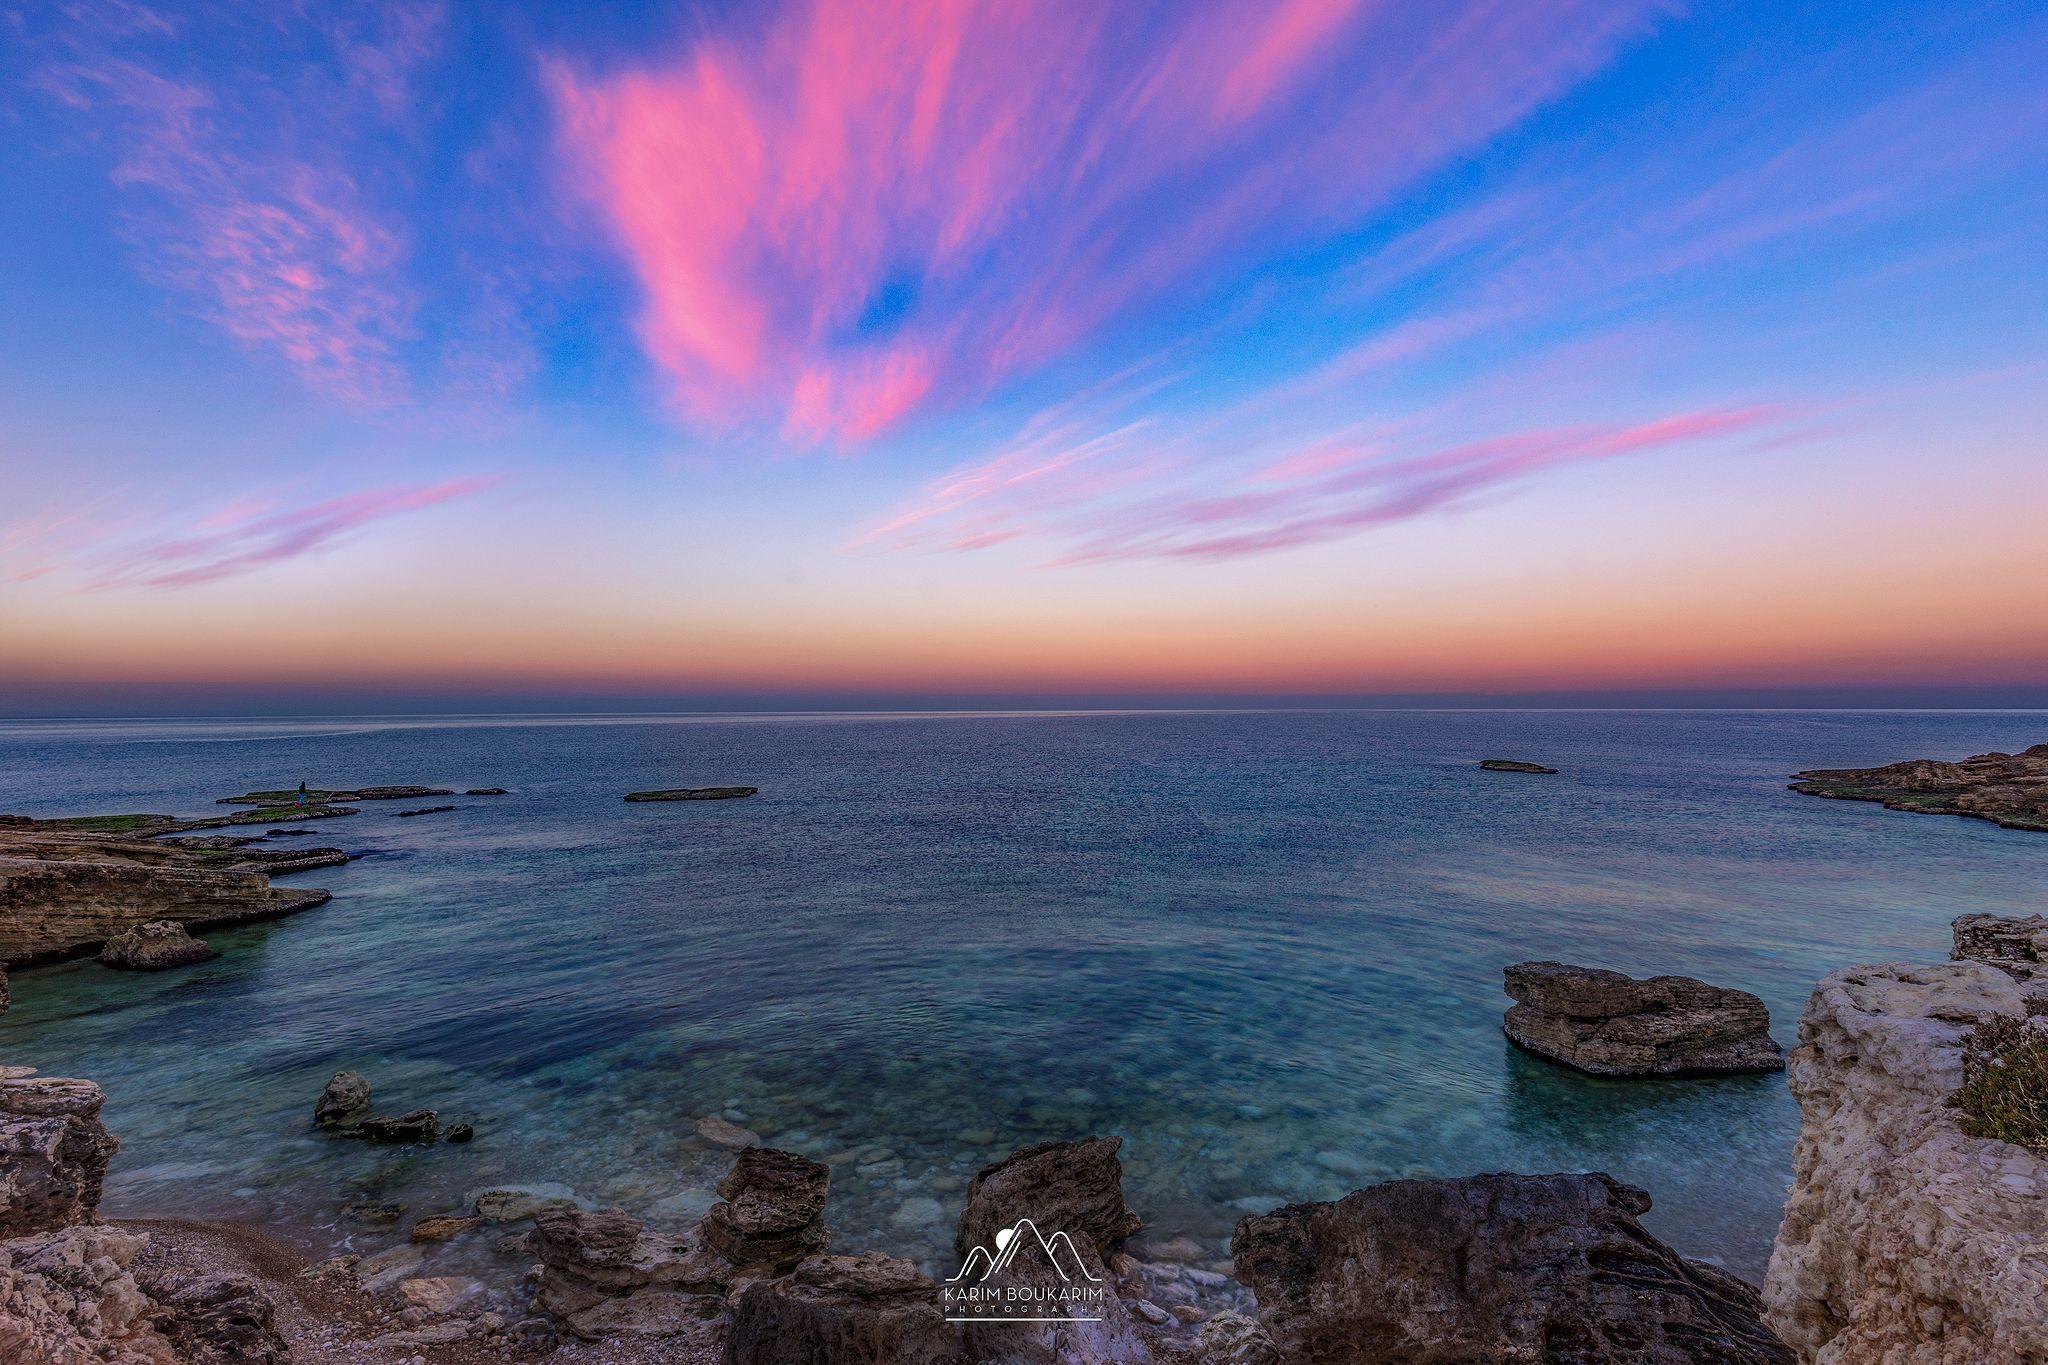 Lebanese Photographer - Karim BouKarim